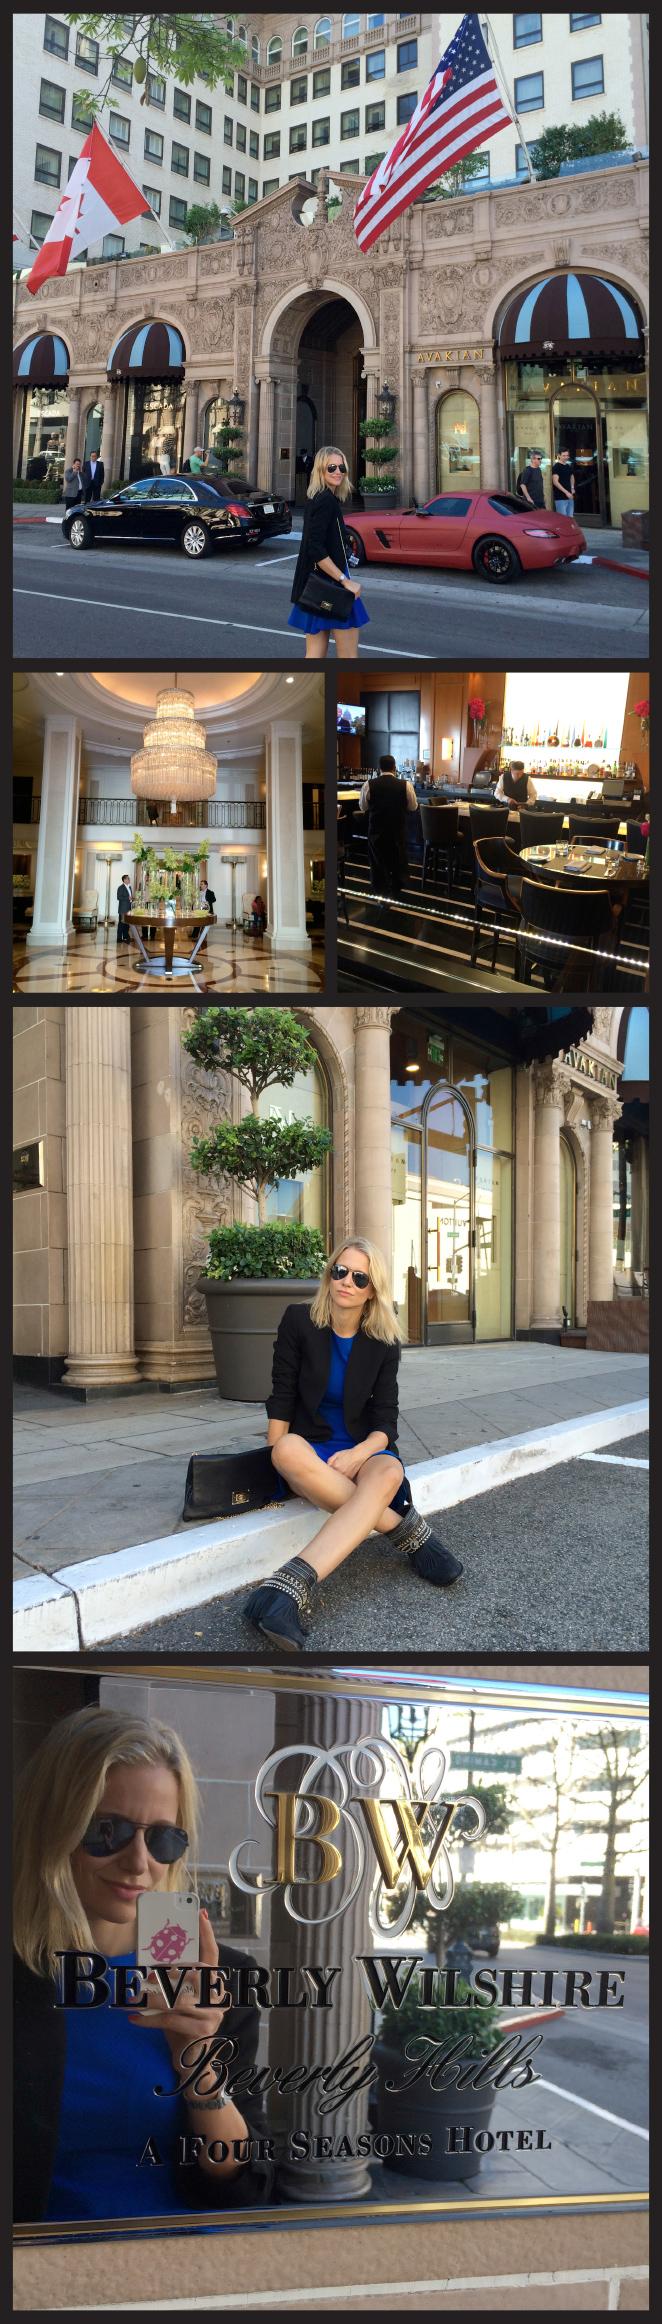 El Beverly Wilshire Hotel by Four Seasons, famoso porque fue el escenario principal de la película Pretty Woman